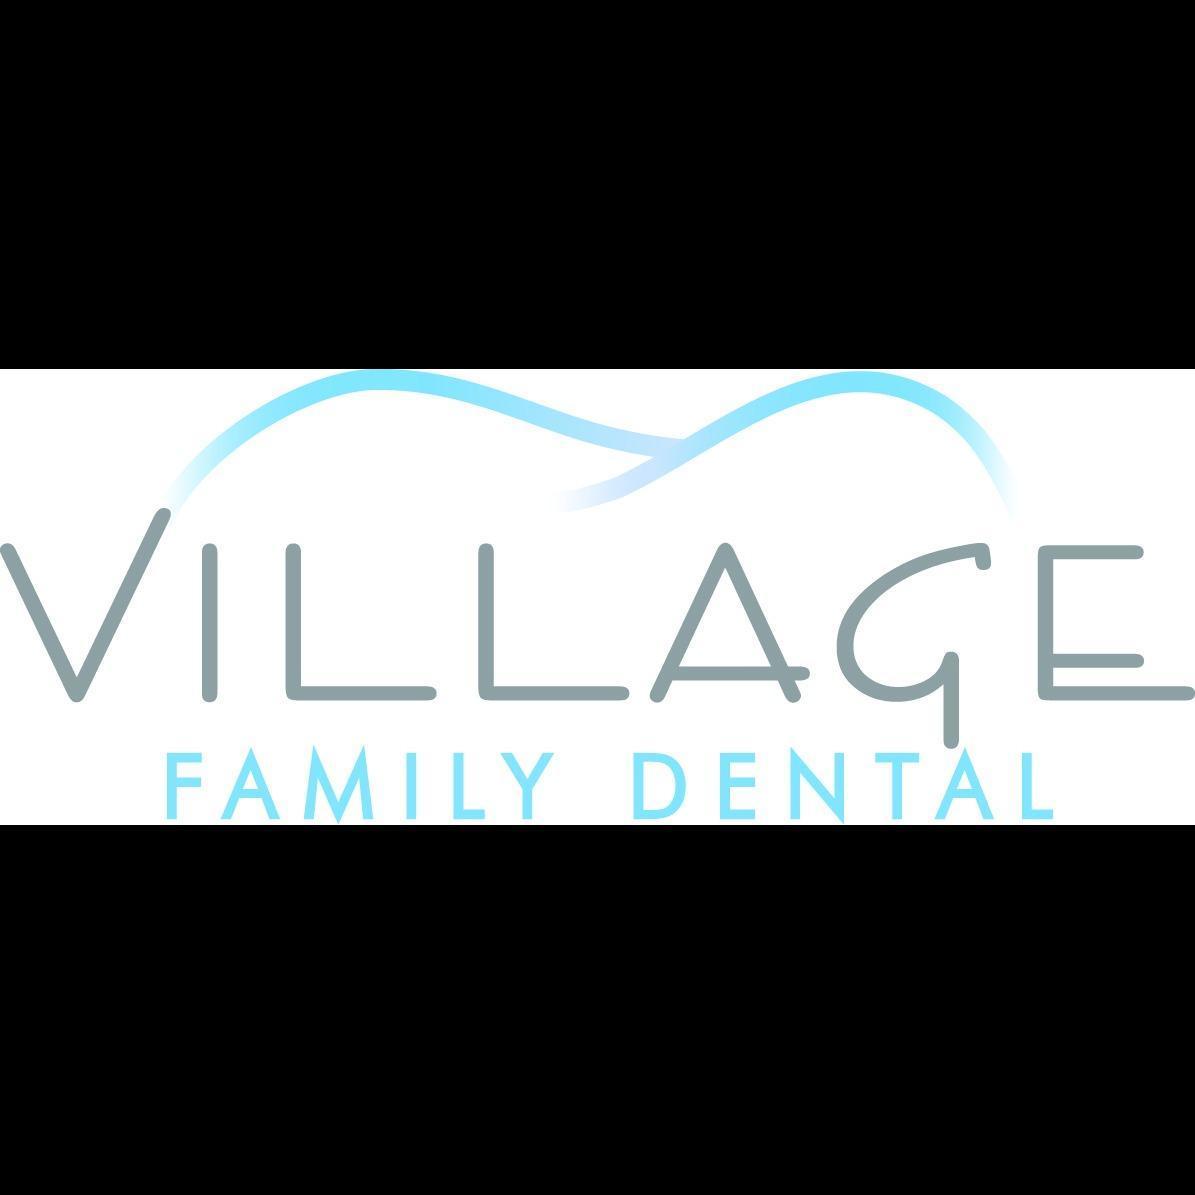 Village Family Dental - Dentist in Dallas, Duncanville